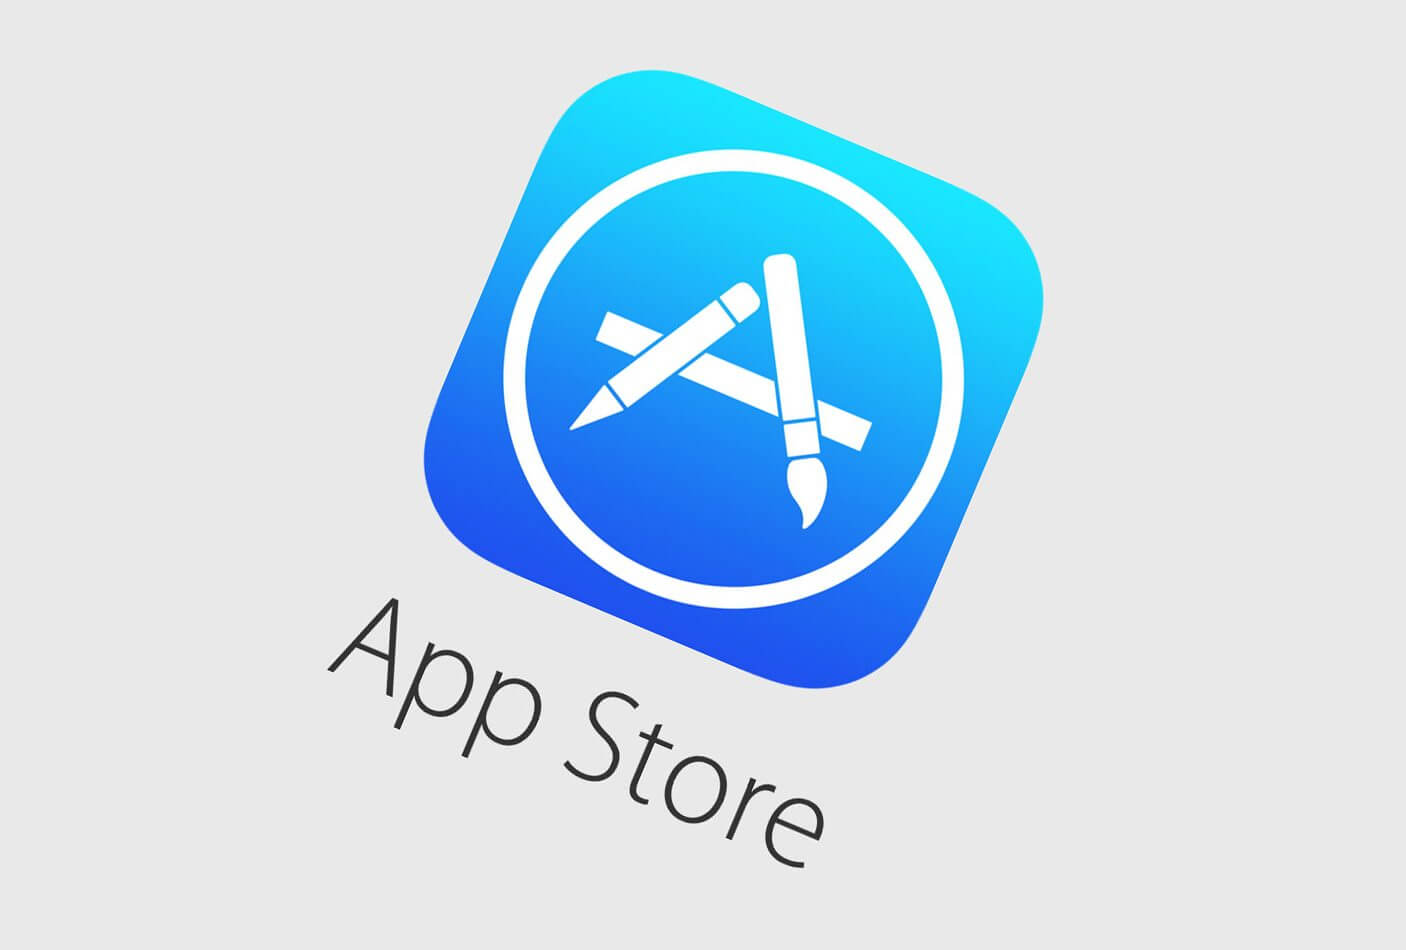 app store - App Store: o primeiro ano de sucesso e obstáculos da loja da Apple no iOS